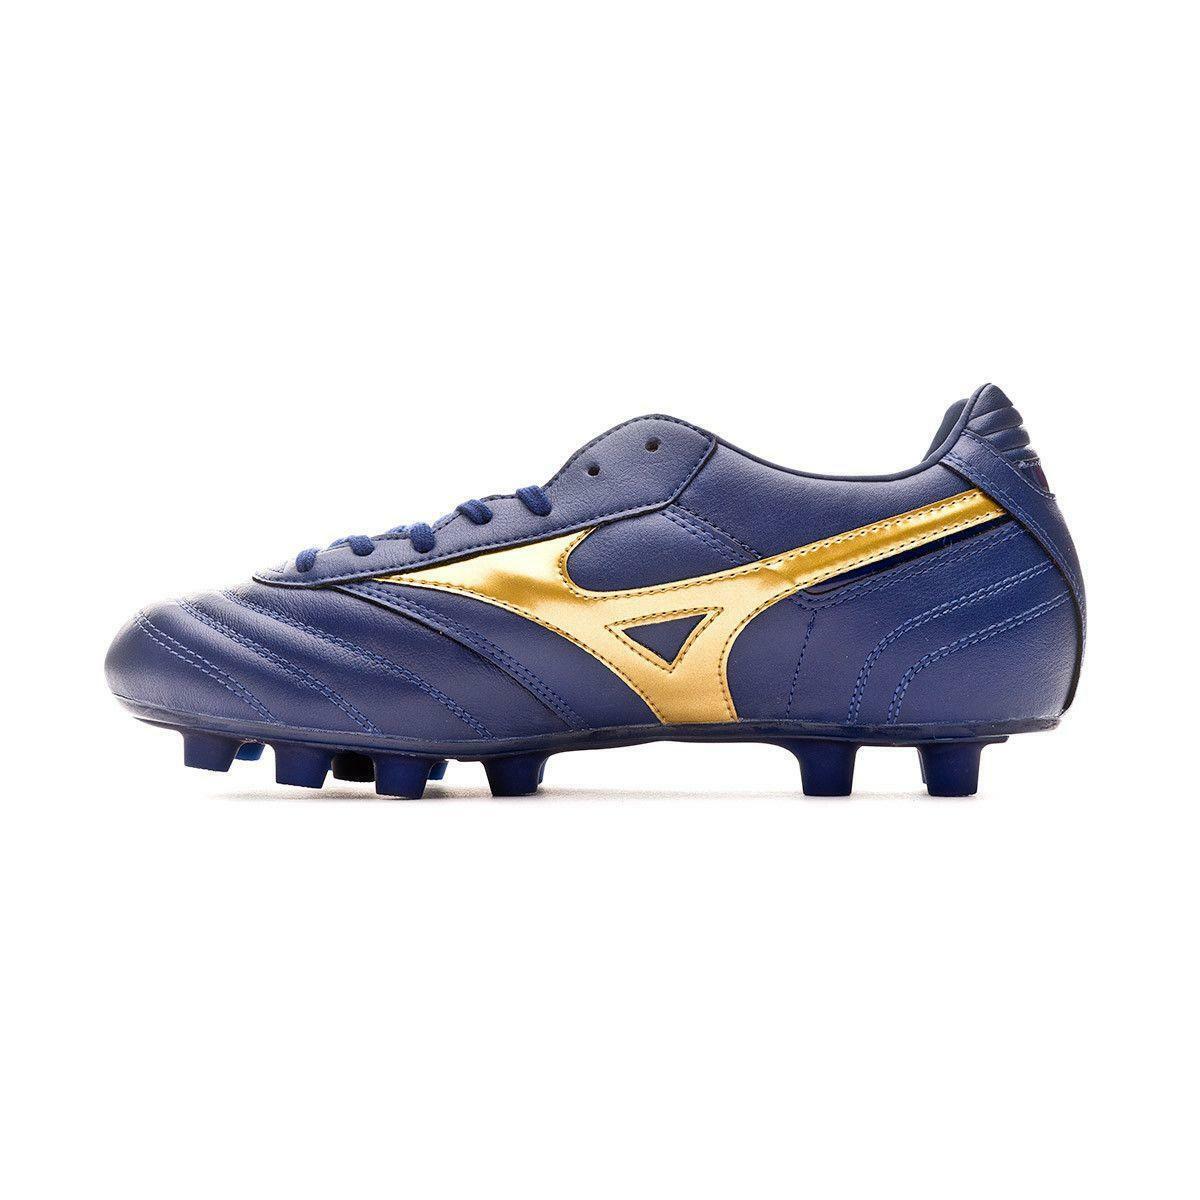 mizuno mizuno scarpa calcio morelia classic md blu/oro